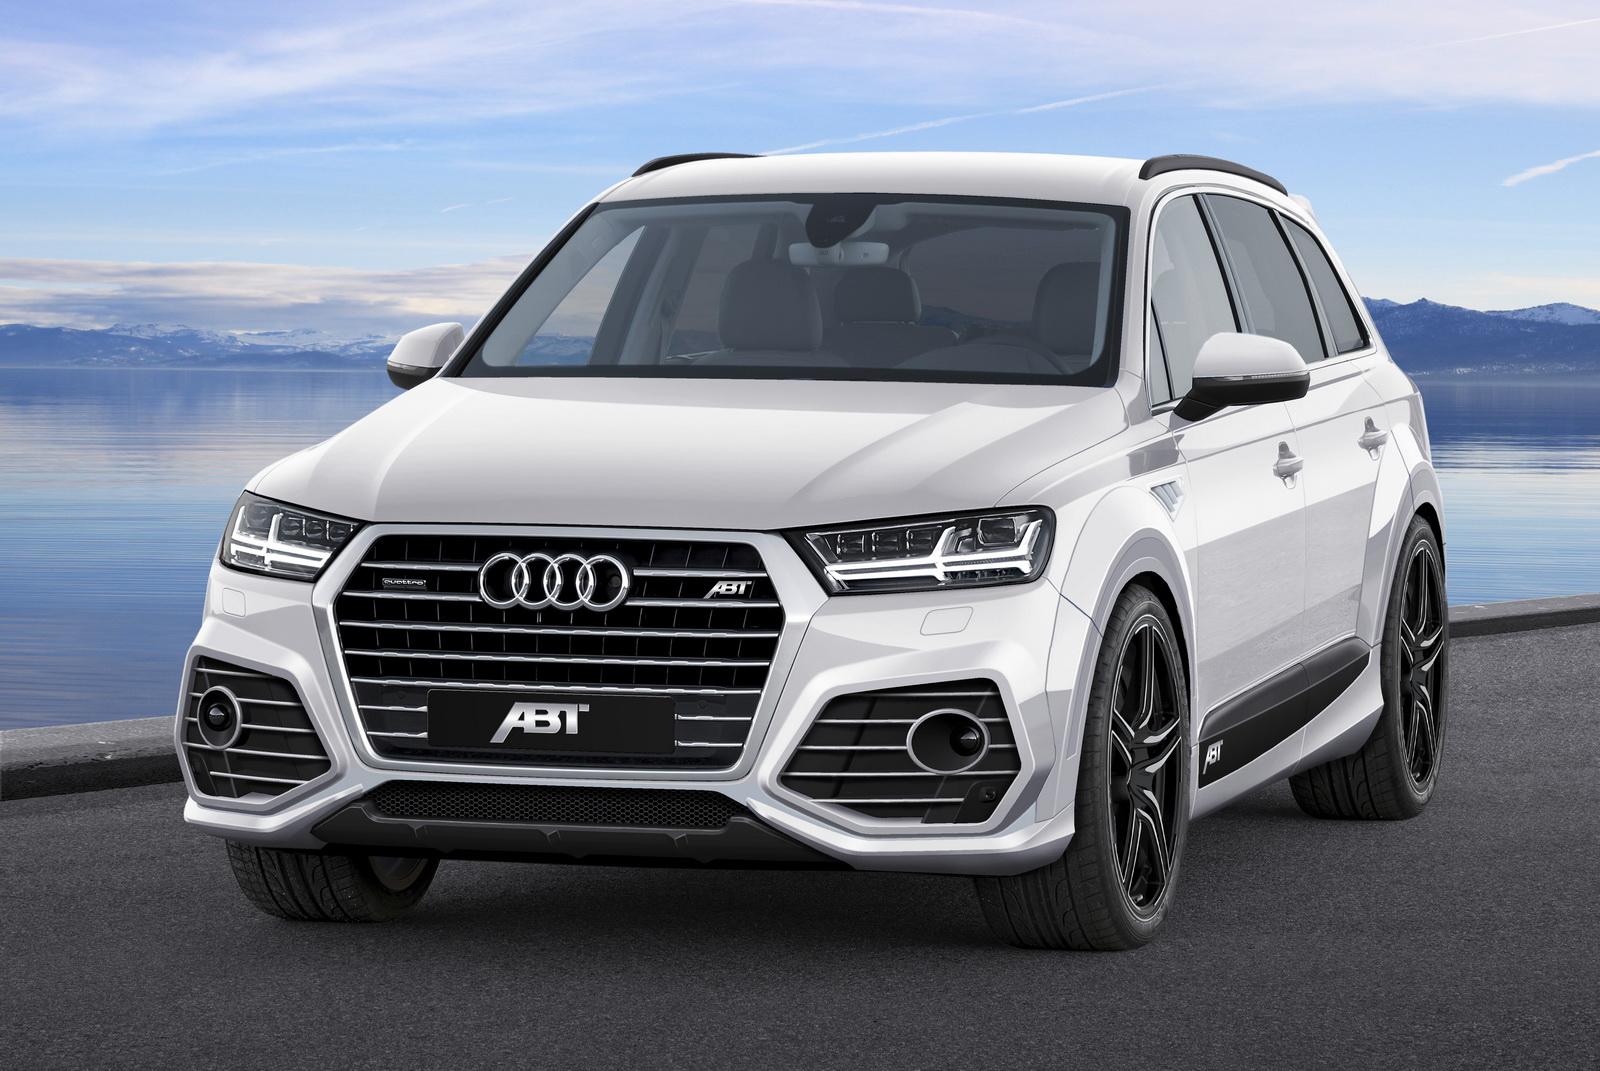 Abt Dresses Audi Q7 In Sportier Clothes Calls It The Qs7